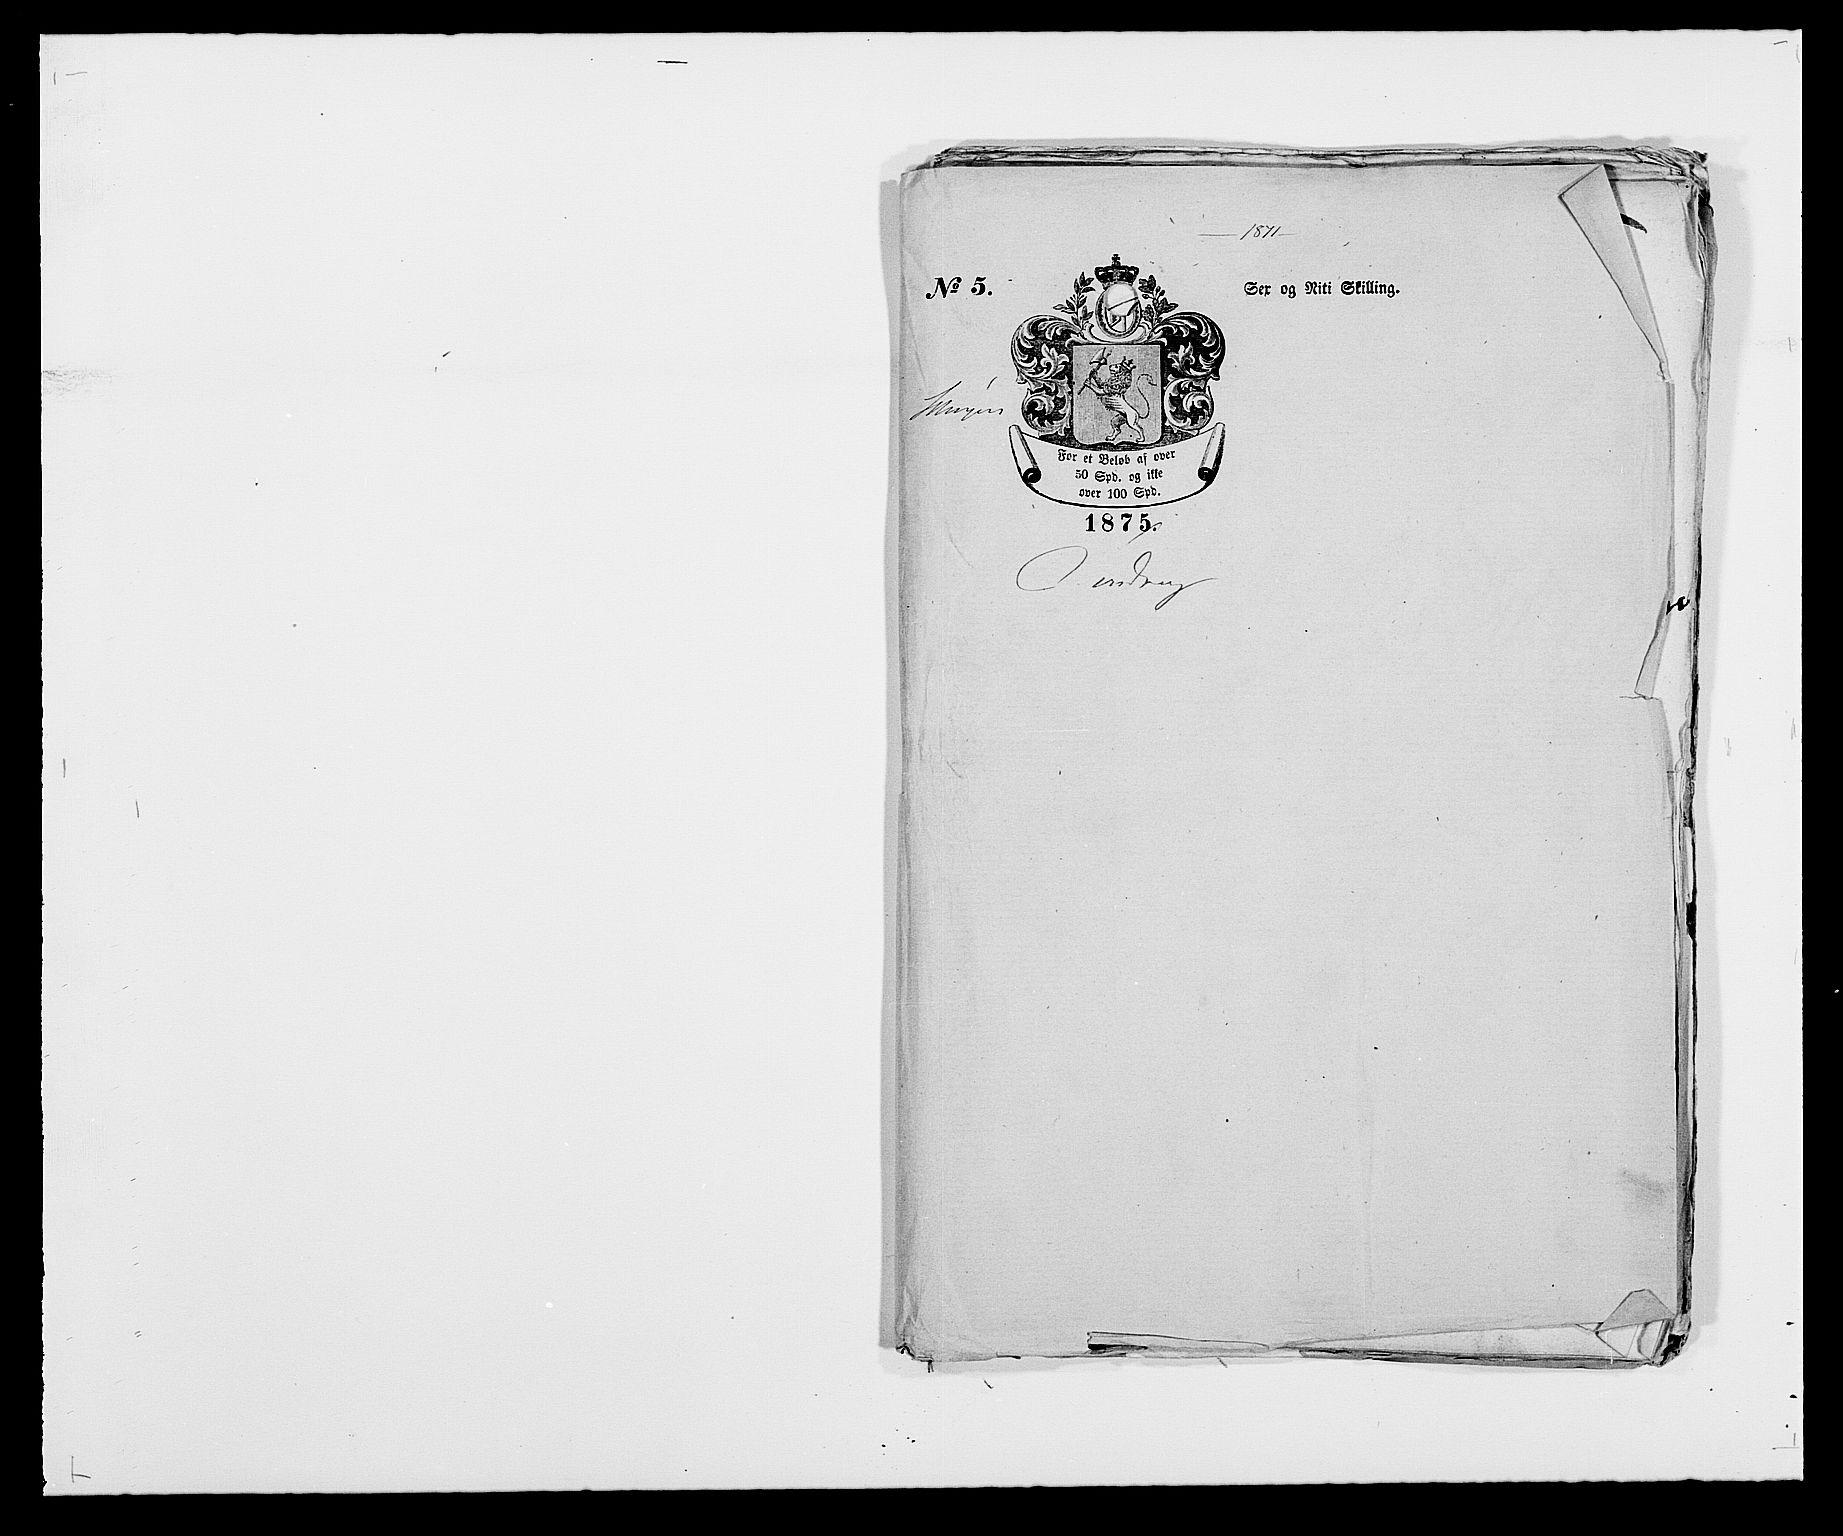 RA, Rentekammeret inntil 1814, Reviderte regnskaper, Fogderegnskap, R21/L1443: Fogderegnskap Ringerike og Hallingdal, 1678-1680, s. 200